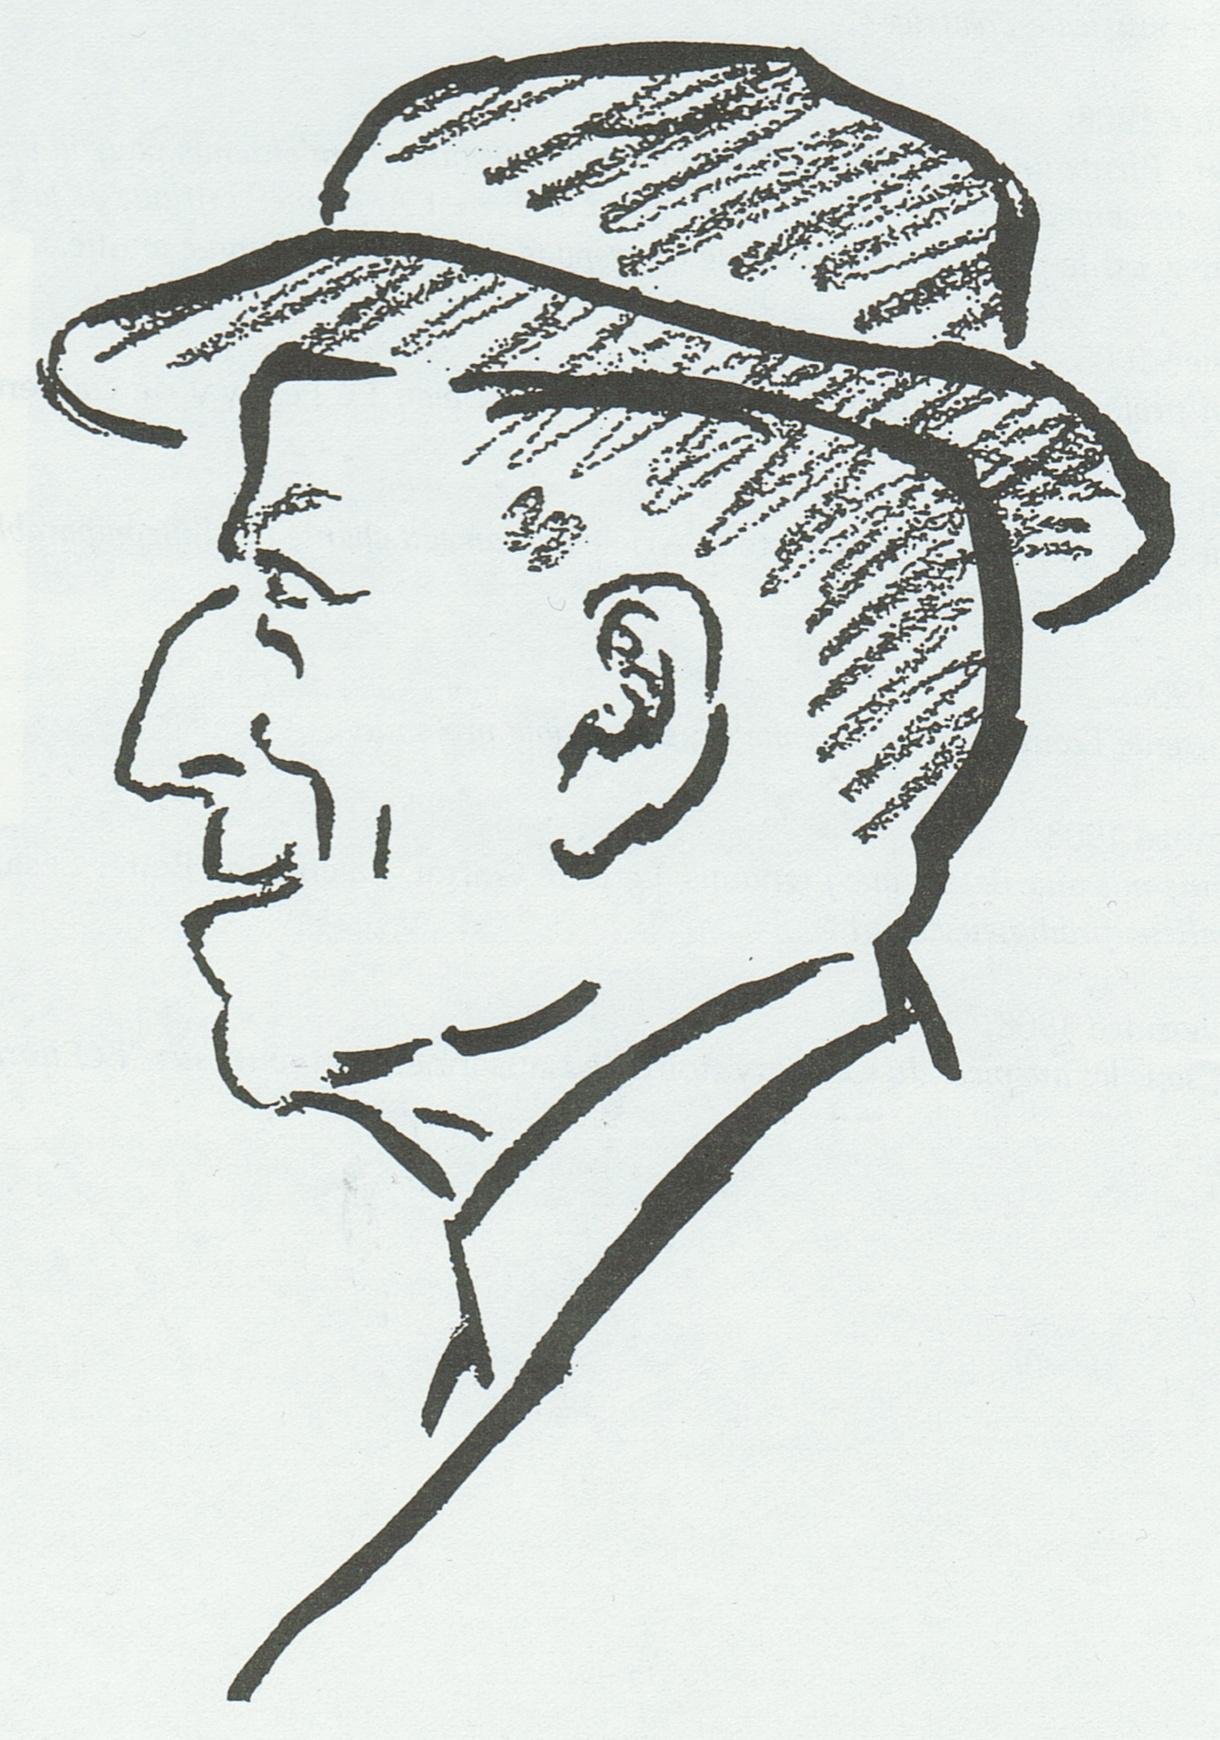 Gustave DORET croqué par PETROVIC, Cliquer sur la photo pour l'original et ses références